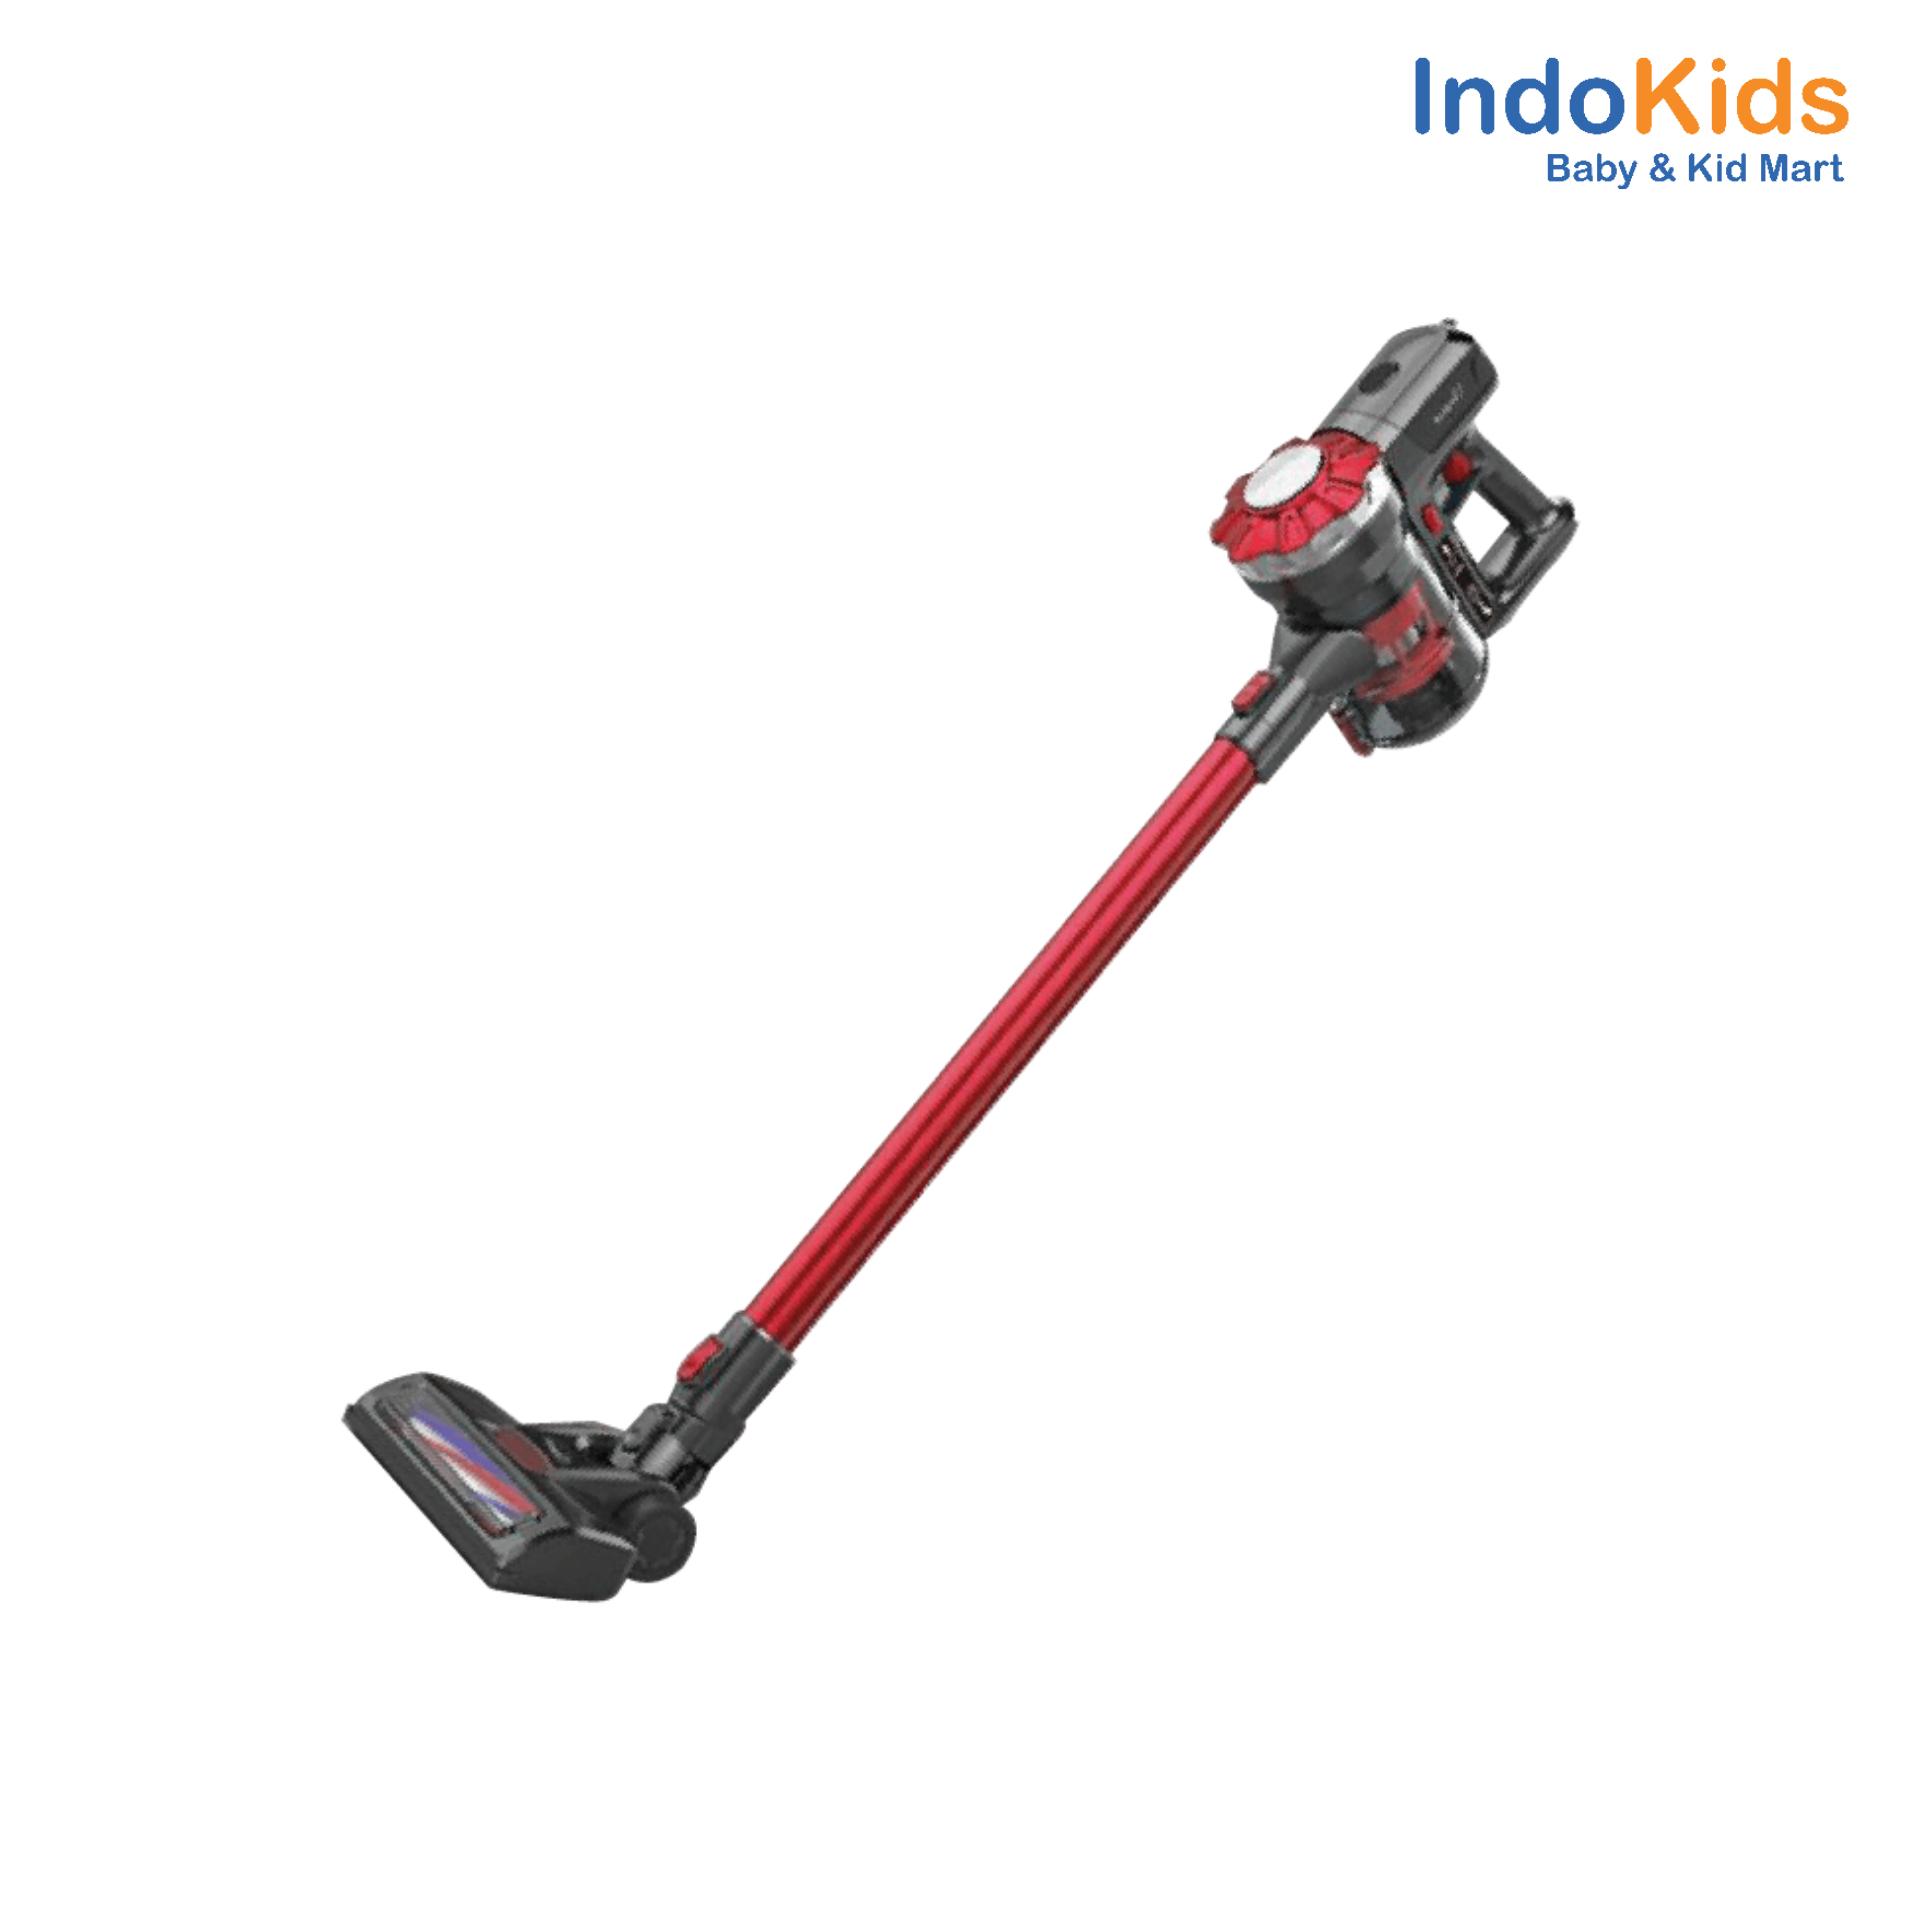 Kurumi Cordless Stick Vacuum Cleaner KV05